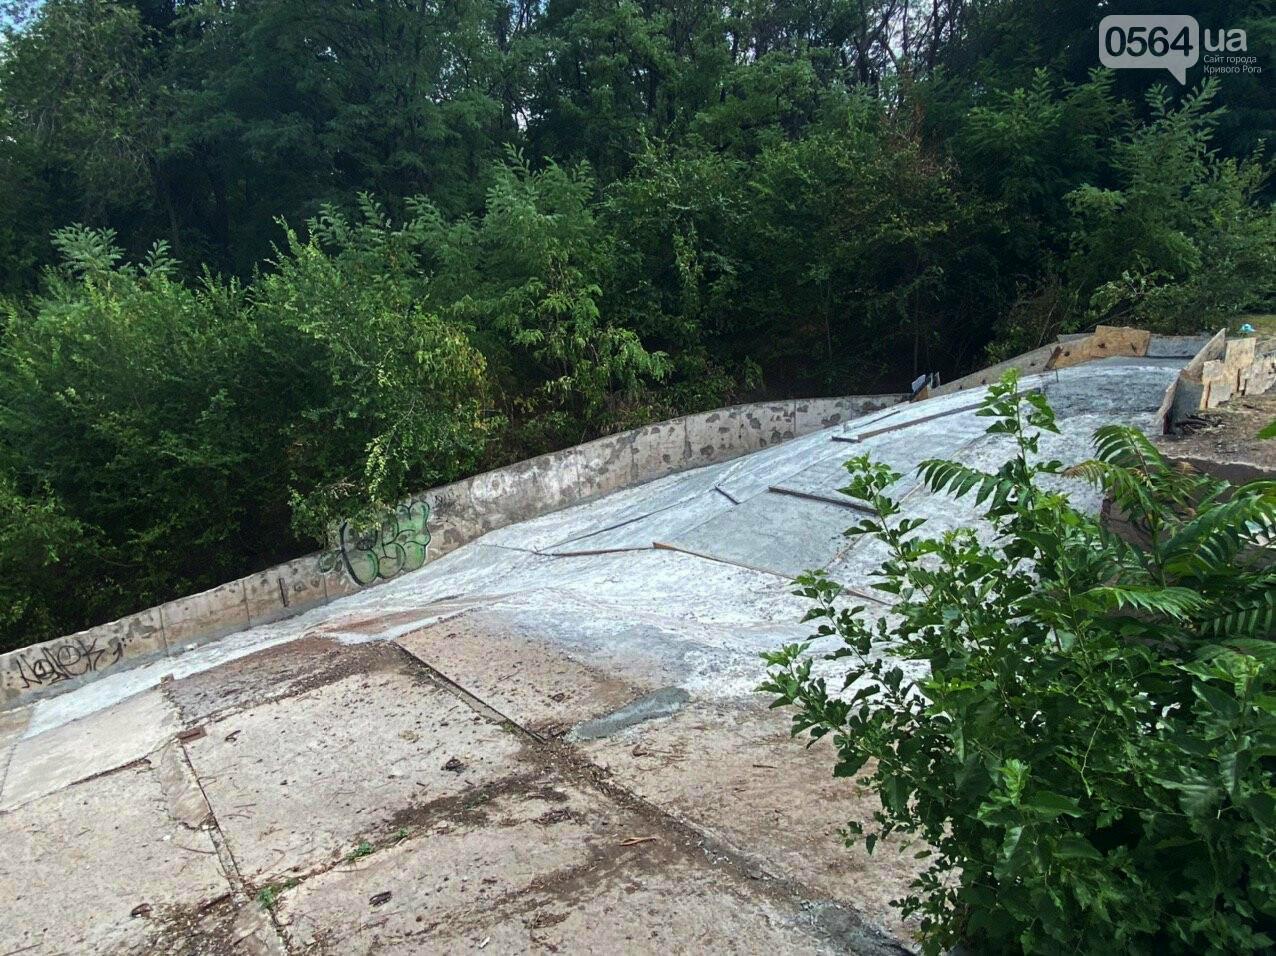 В Кривом Роге опять ремонтируют мост, где 5 лет назад произошло ЧП, - ФОТО , фото-20